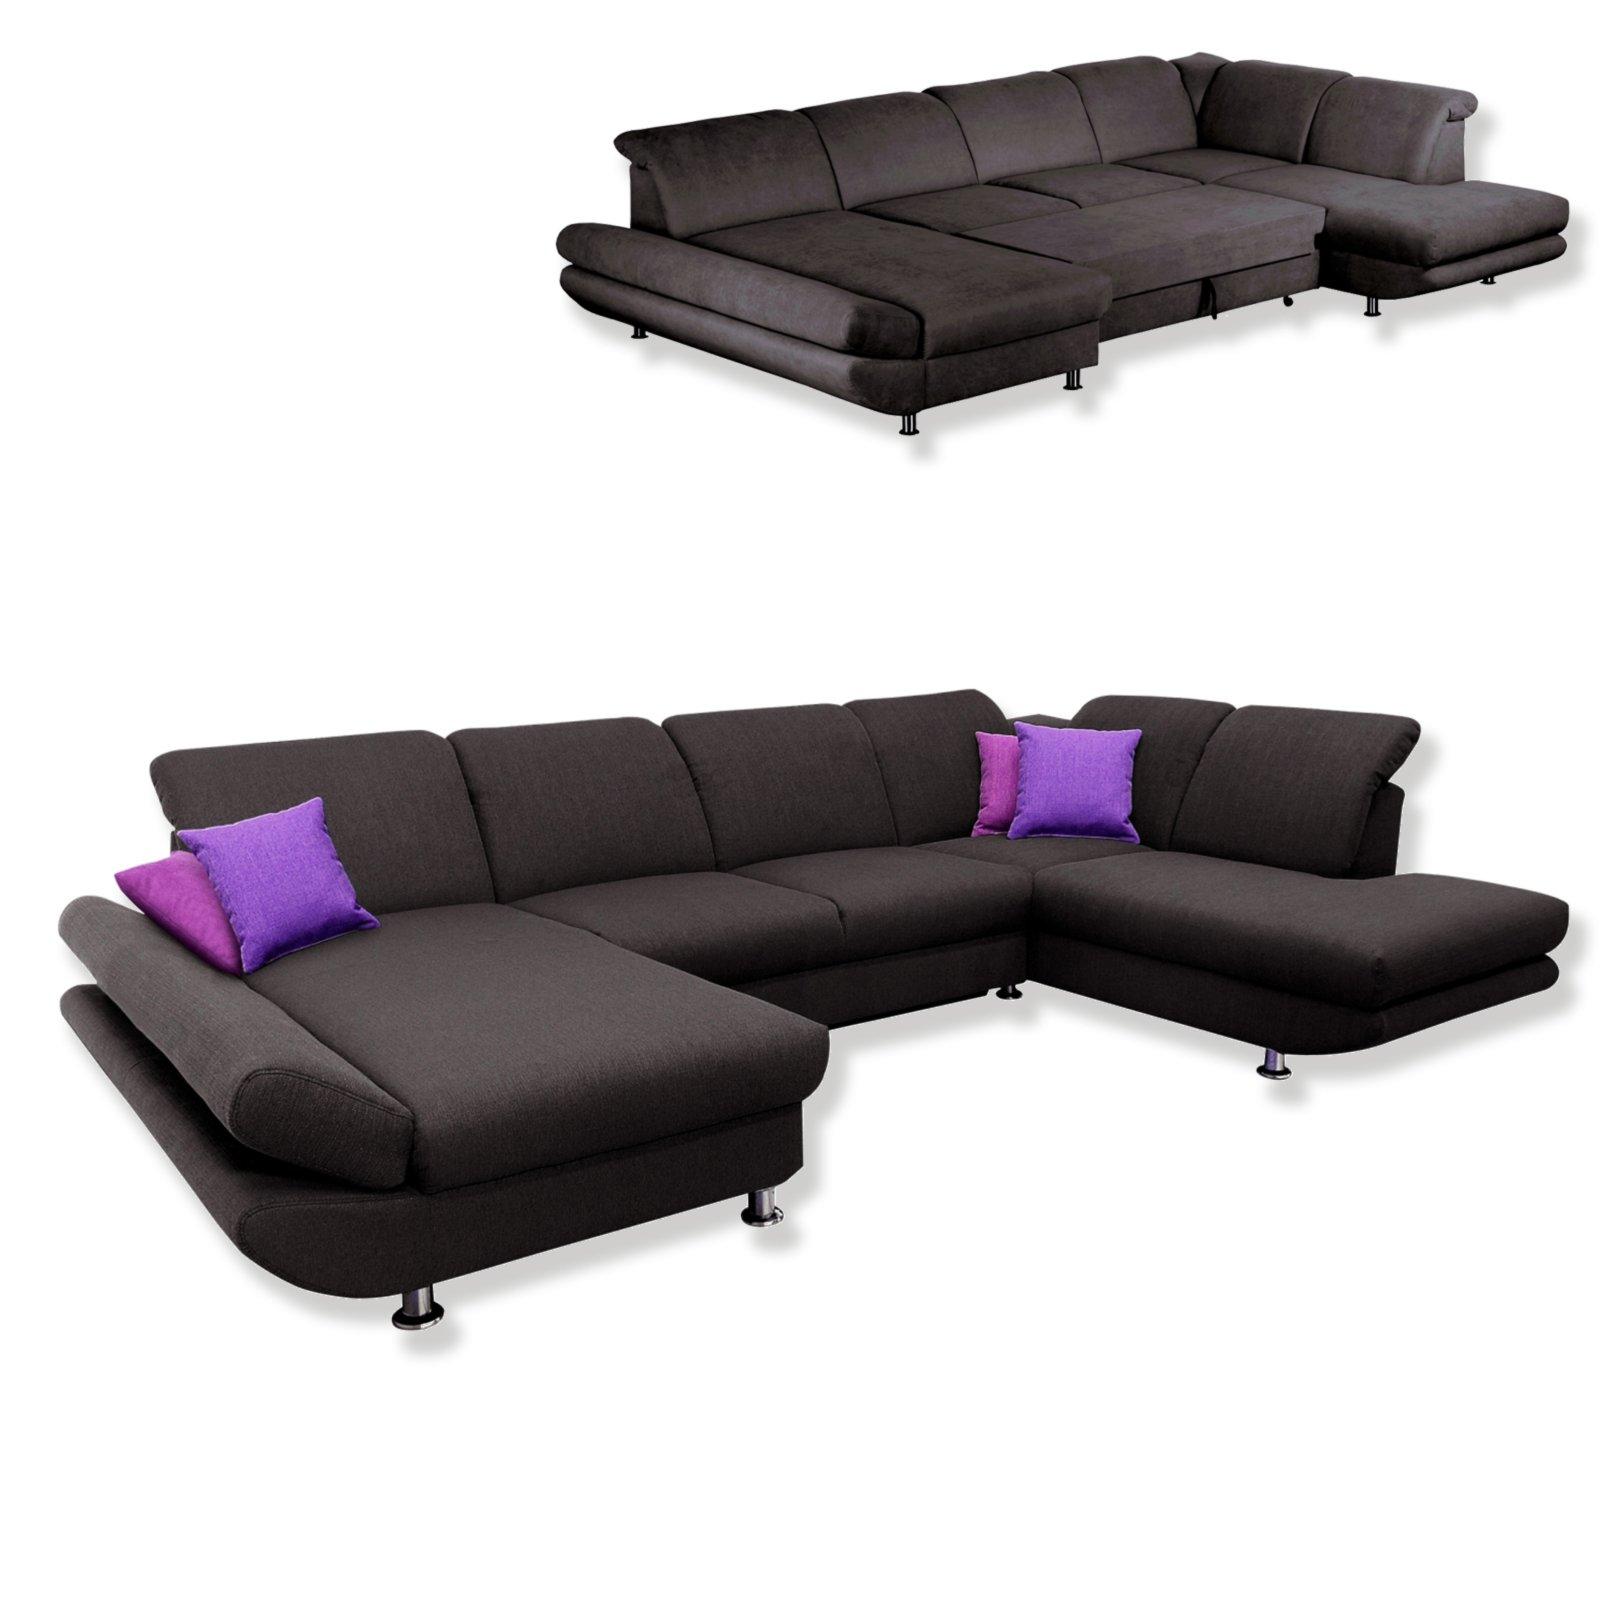 wohnlandschaft braun schwarz liegefunktion ottomane. Black Bedroom Furniture Sets. Home Design Ideas